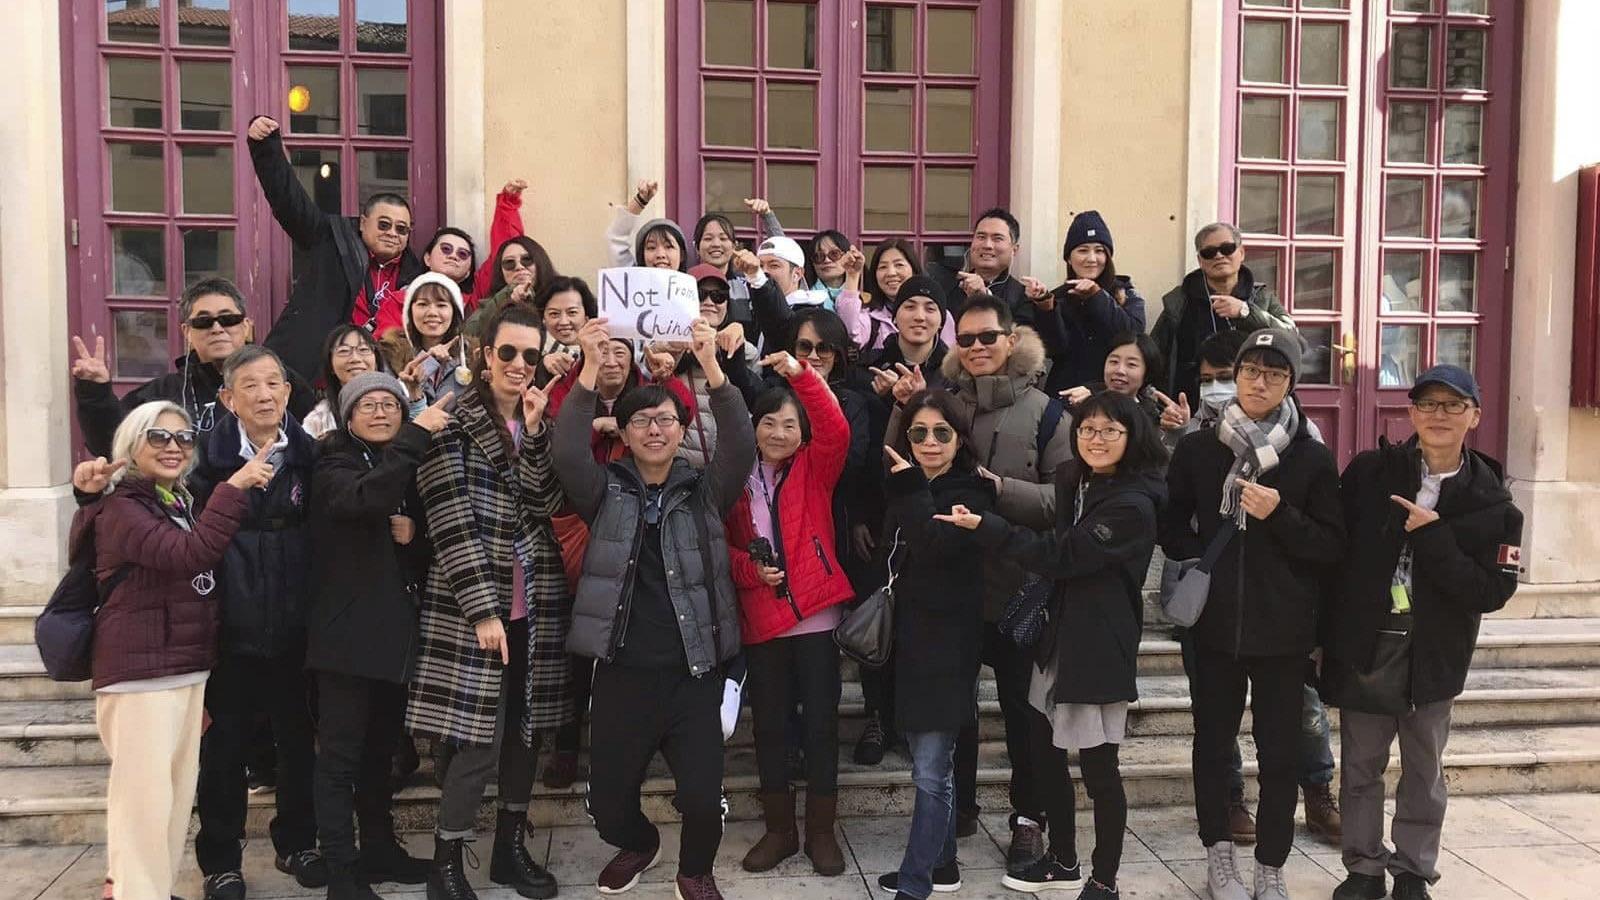 """武汉肺炎在全球造成恐慌,一个来自台湾的旅游团在克罗地亚打出标语""""我们不是来自中国""""。(美联社)"""